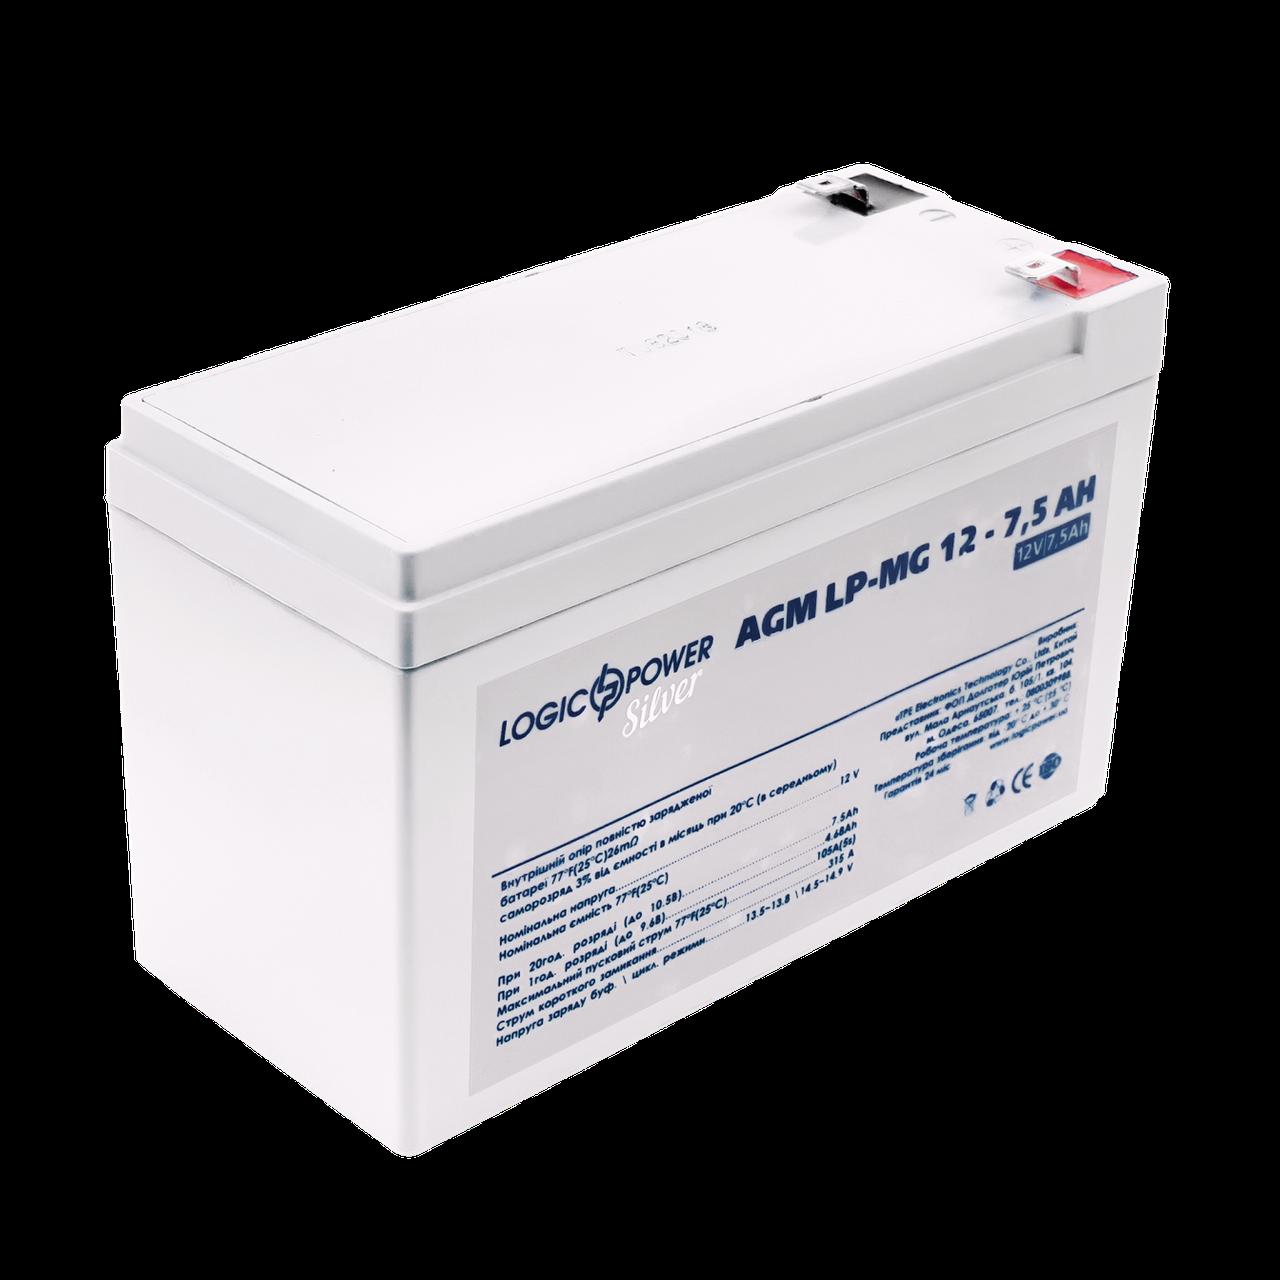 Аккумулятор мультигелевый AGM LogicPower LP-MG 12 - 7,5 AH